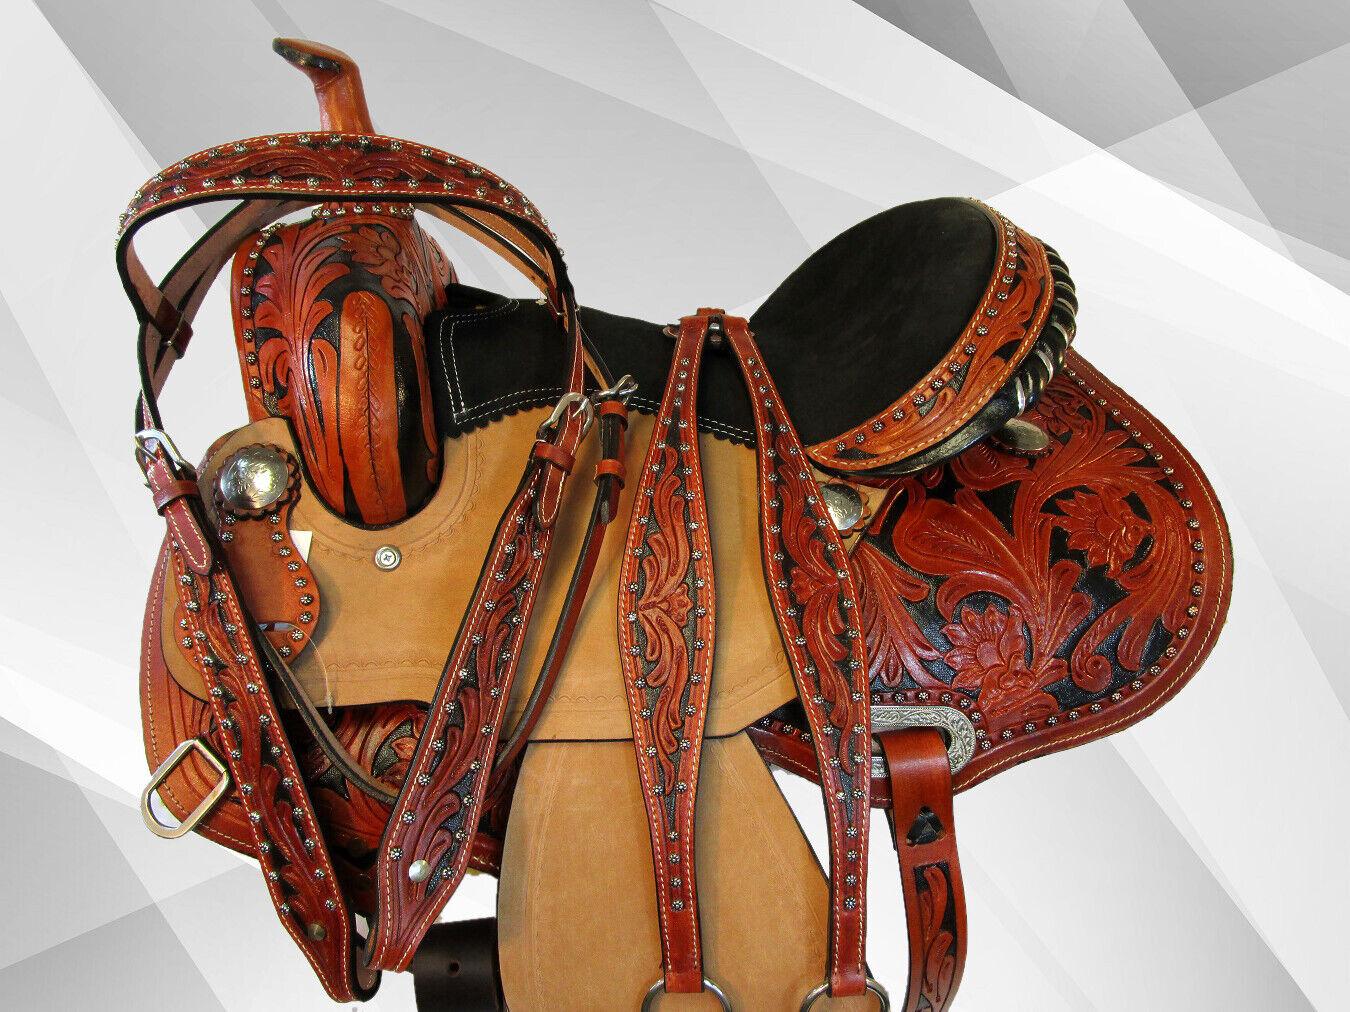 Silla de montar  de cuero grabado a mano por enCochego mostrar barril Racing Trail placer 15 16  tiendas minoristas